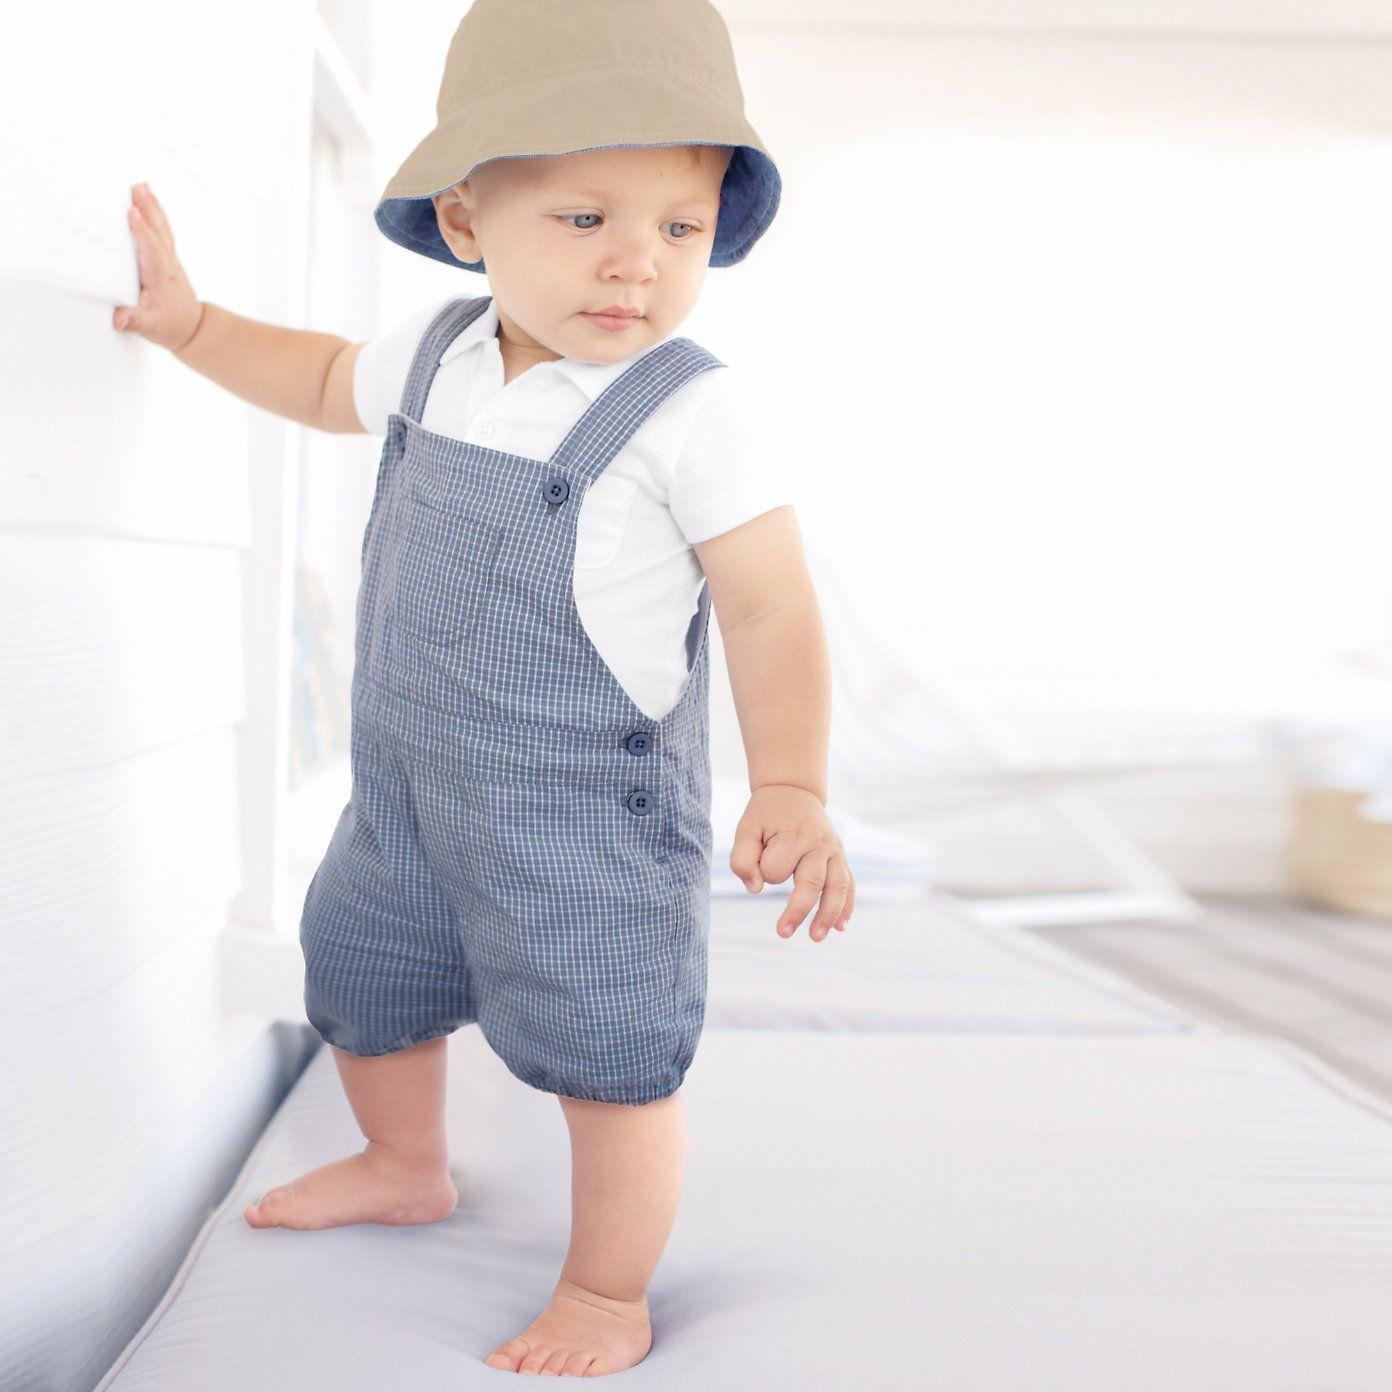 6f3940feb32737baa4abfa124b8bdea1 - Gợi ý thời trang kiểu tây cho bé